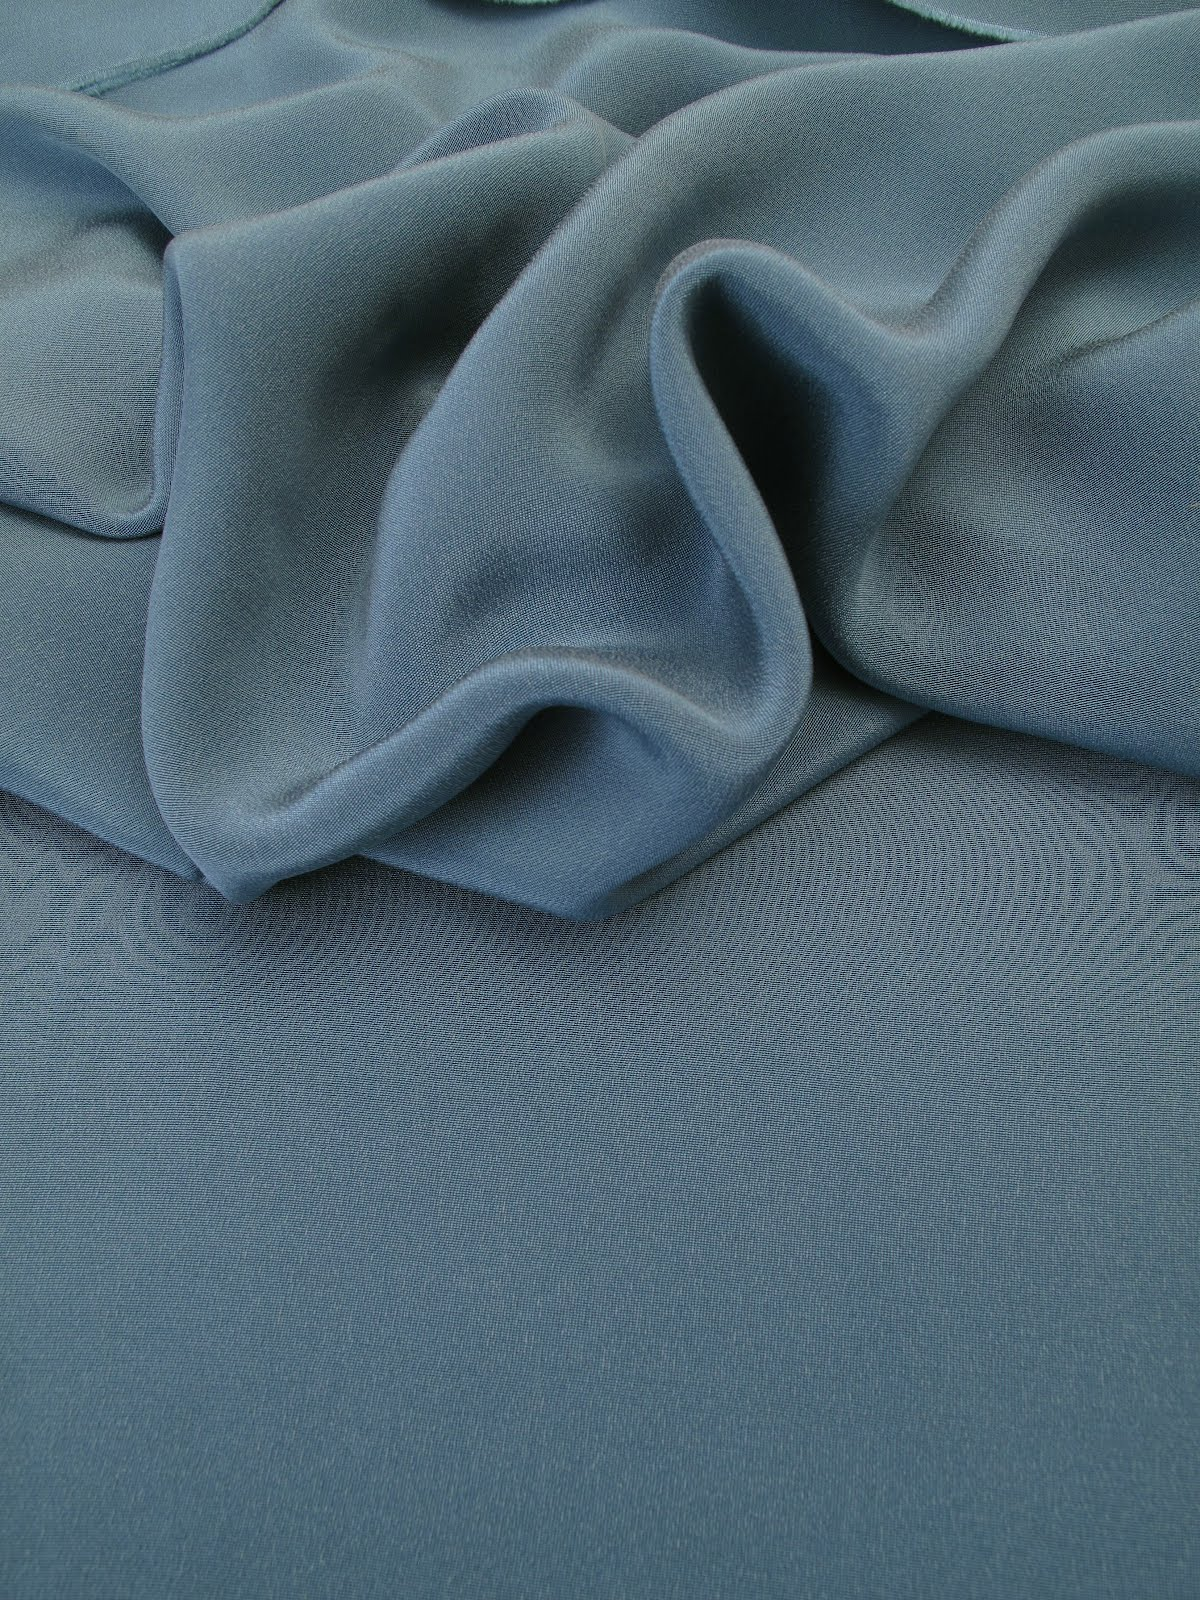 les nouveaut s au jour le jour chez stragier drap de soie bleu canard. Black Bedroom Furniture Sets. Home Design Ideas